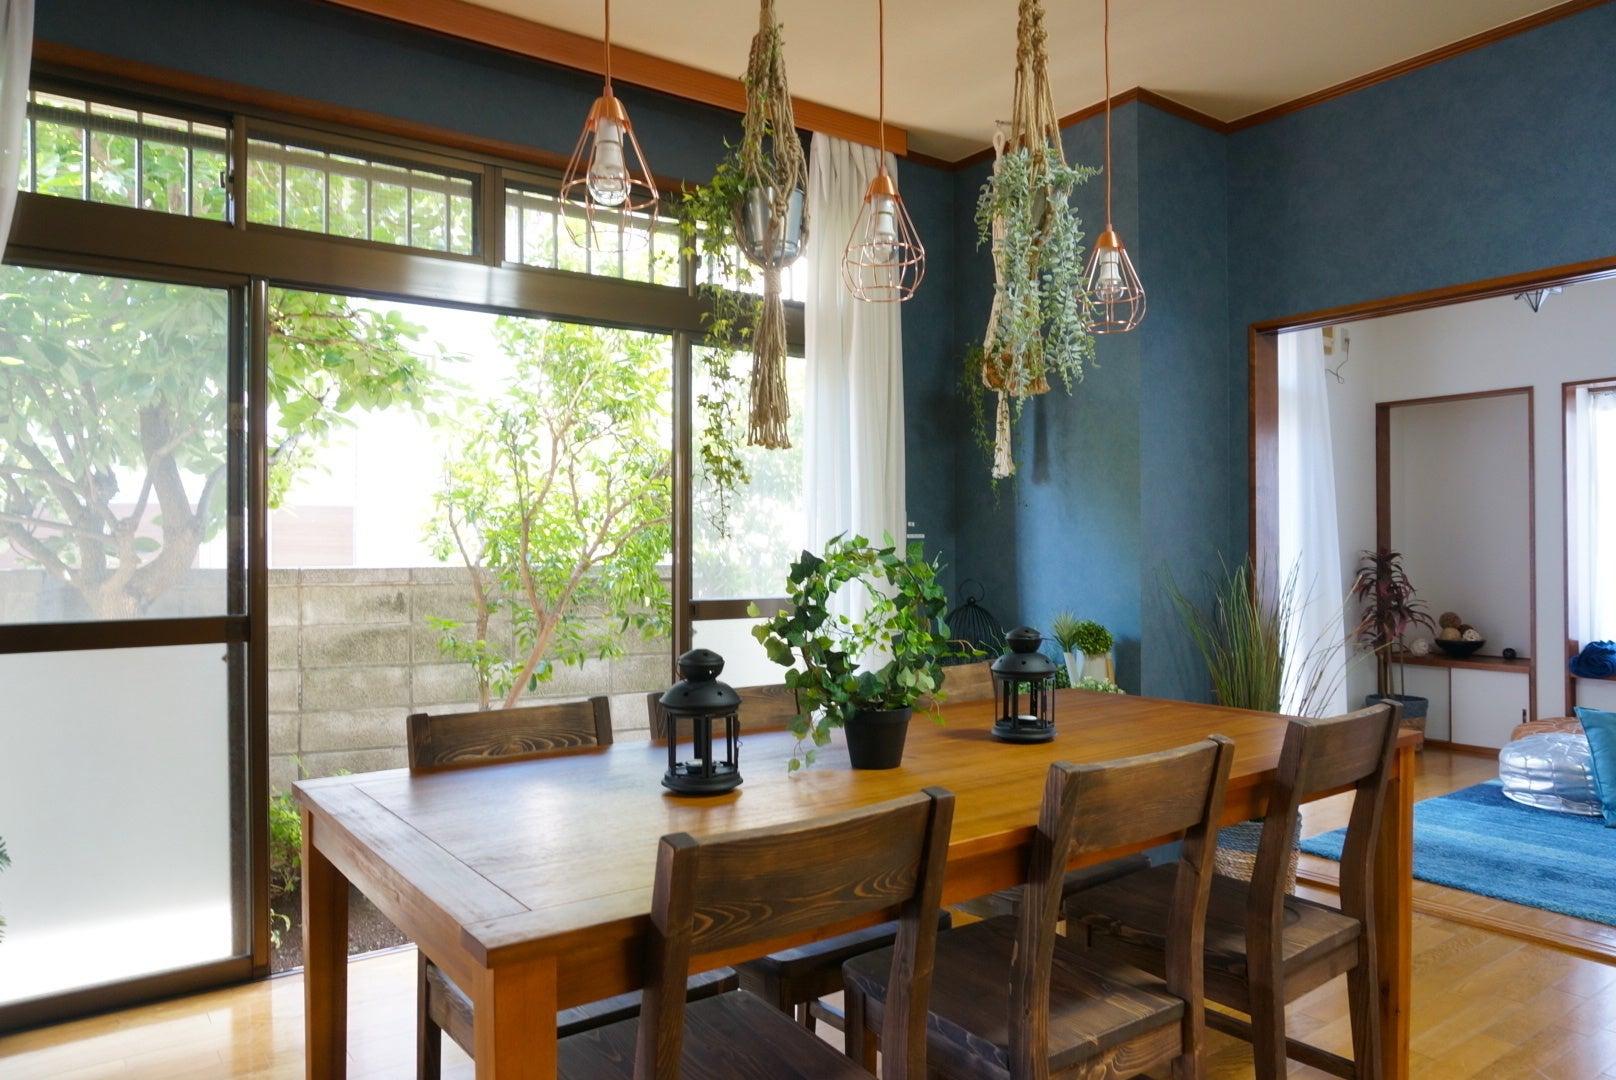 fika桜上水〜夏みかんハウス〜上品なブルーに囲まれたリビング・ボタニカルな雰囲気がフォトジェニック♪SNS投稿・動画撮影可 の写真